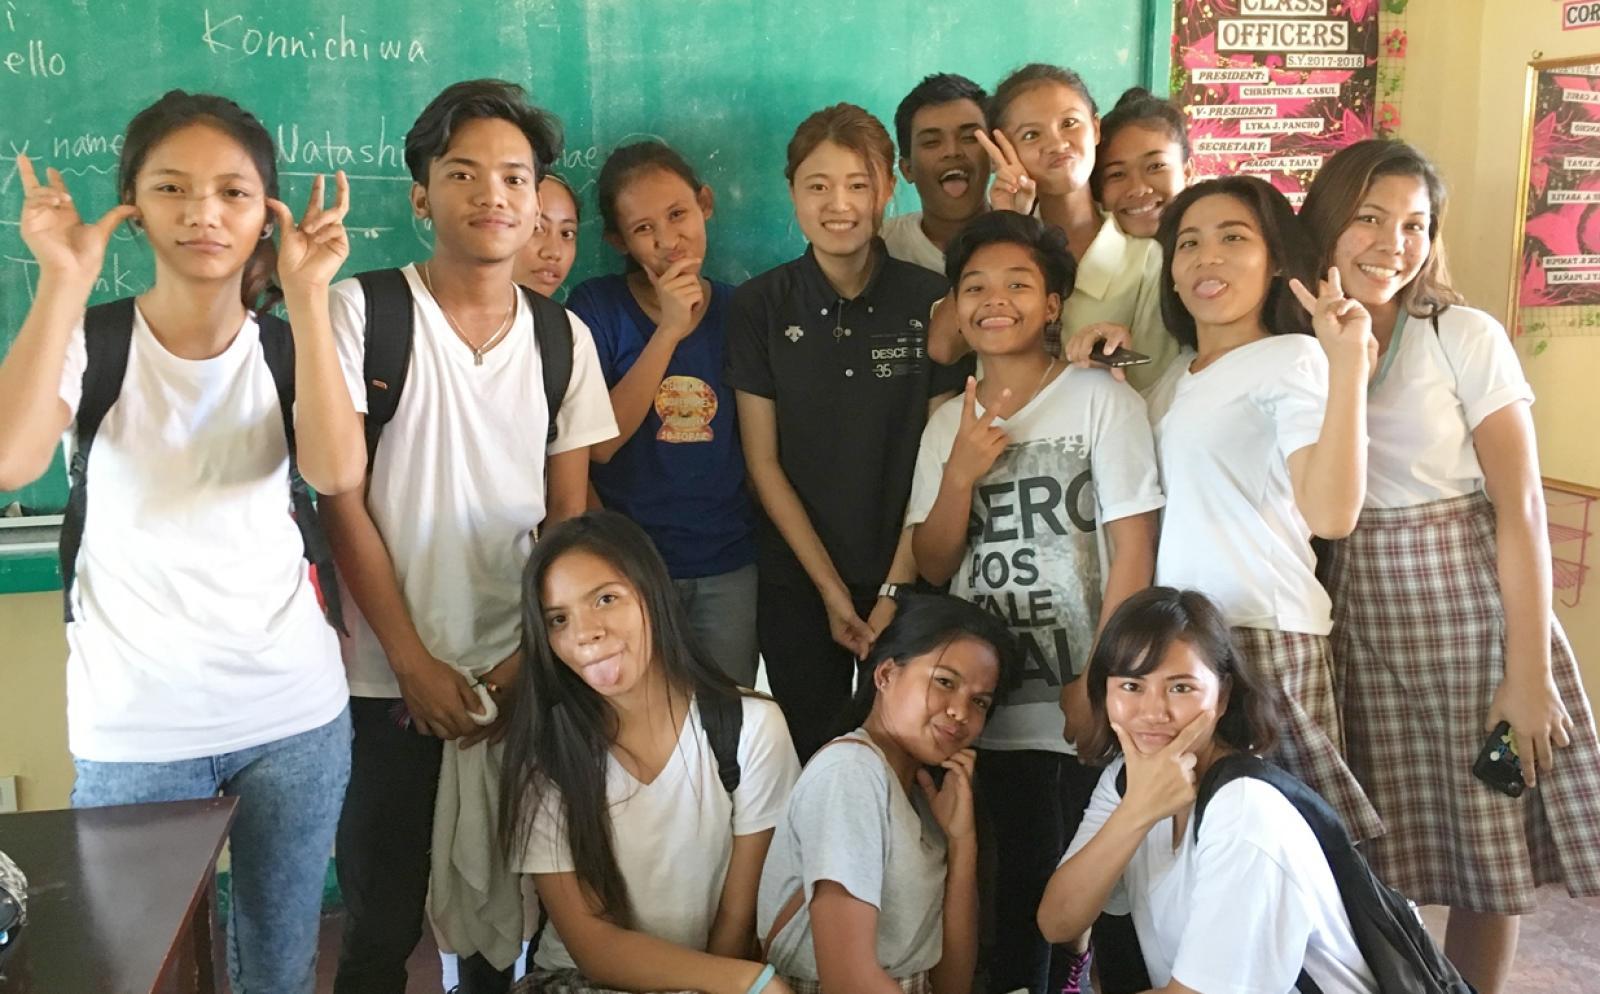 フィリピンで日本語教育に取り組む日本人ボランティア